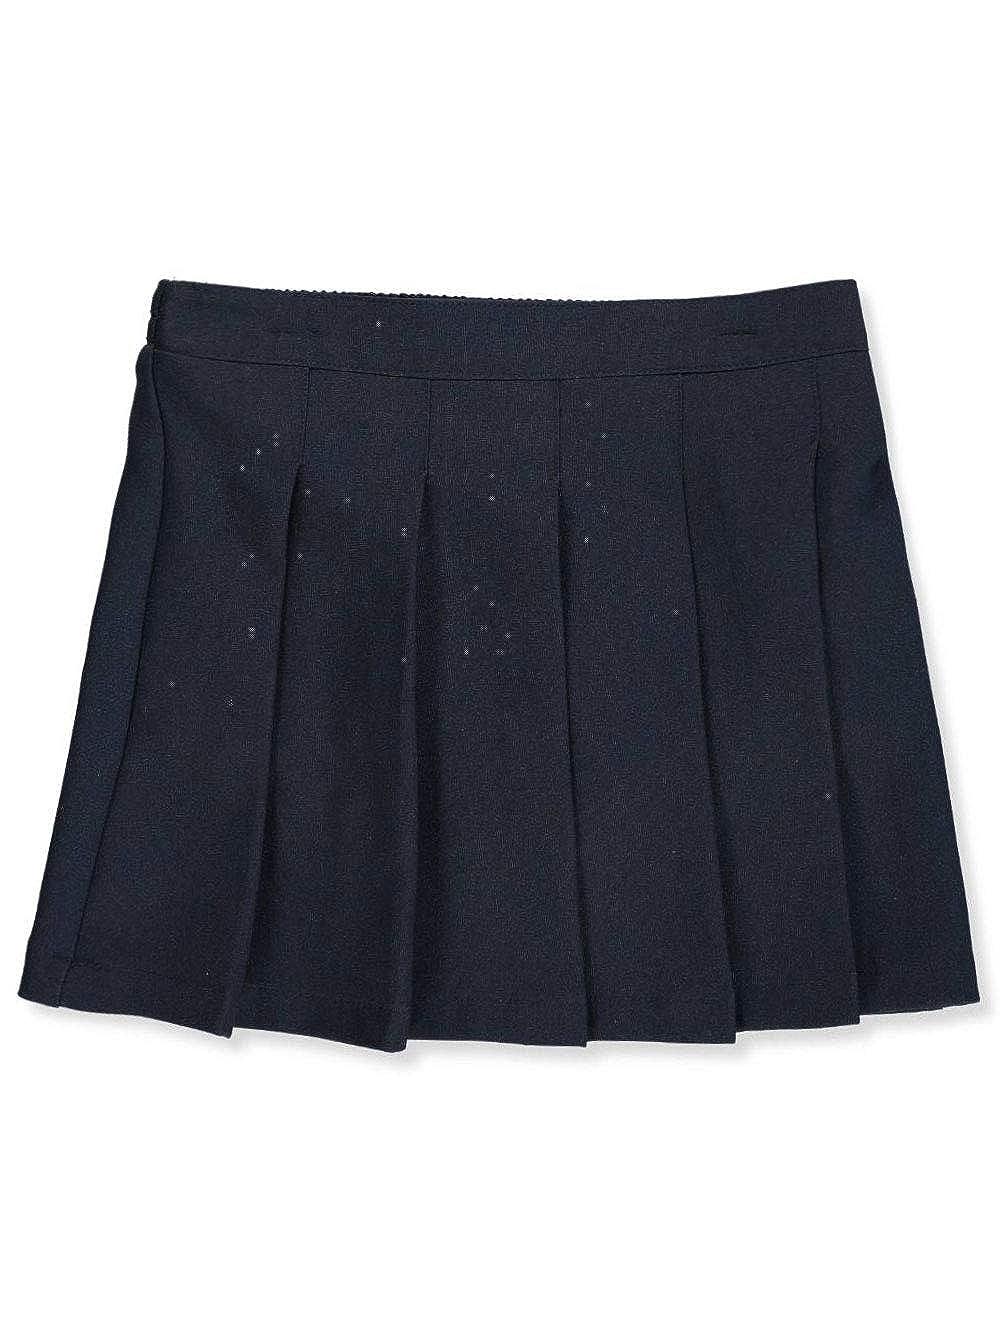 Nautica Girls' Scooter Skirt